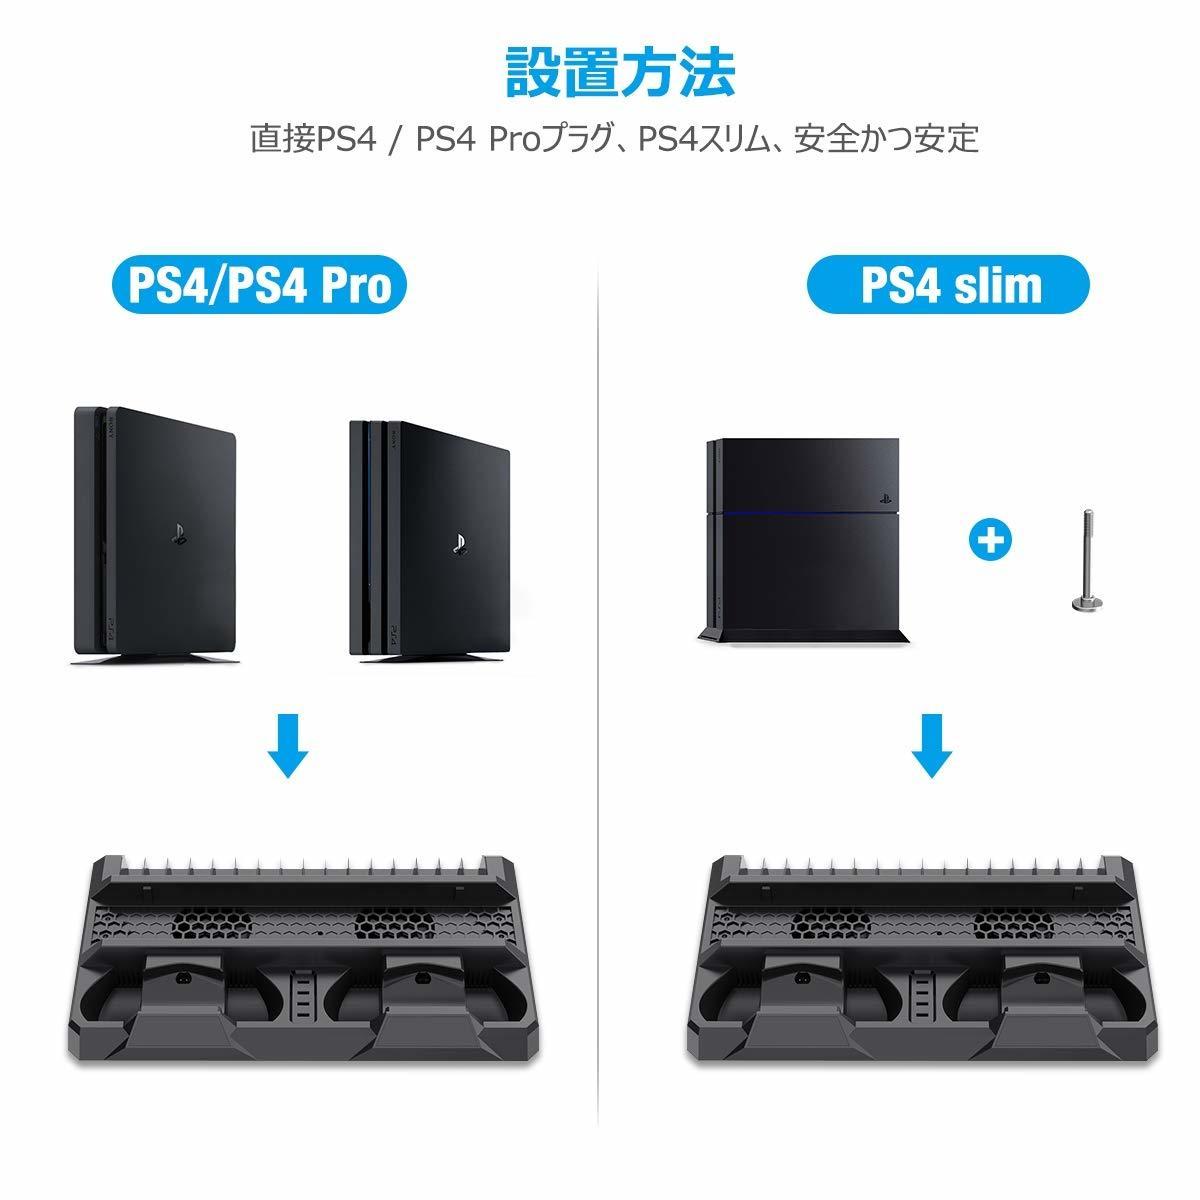 【新品 大人気】PS4 専用 縦置きスタンド プレステ プレイステーション コントローラ 充電スタンド ゲームディスク収納可能 ポイント消化_画像8